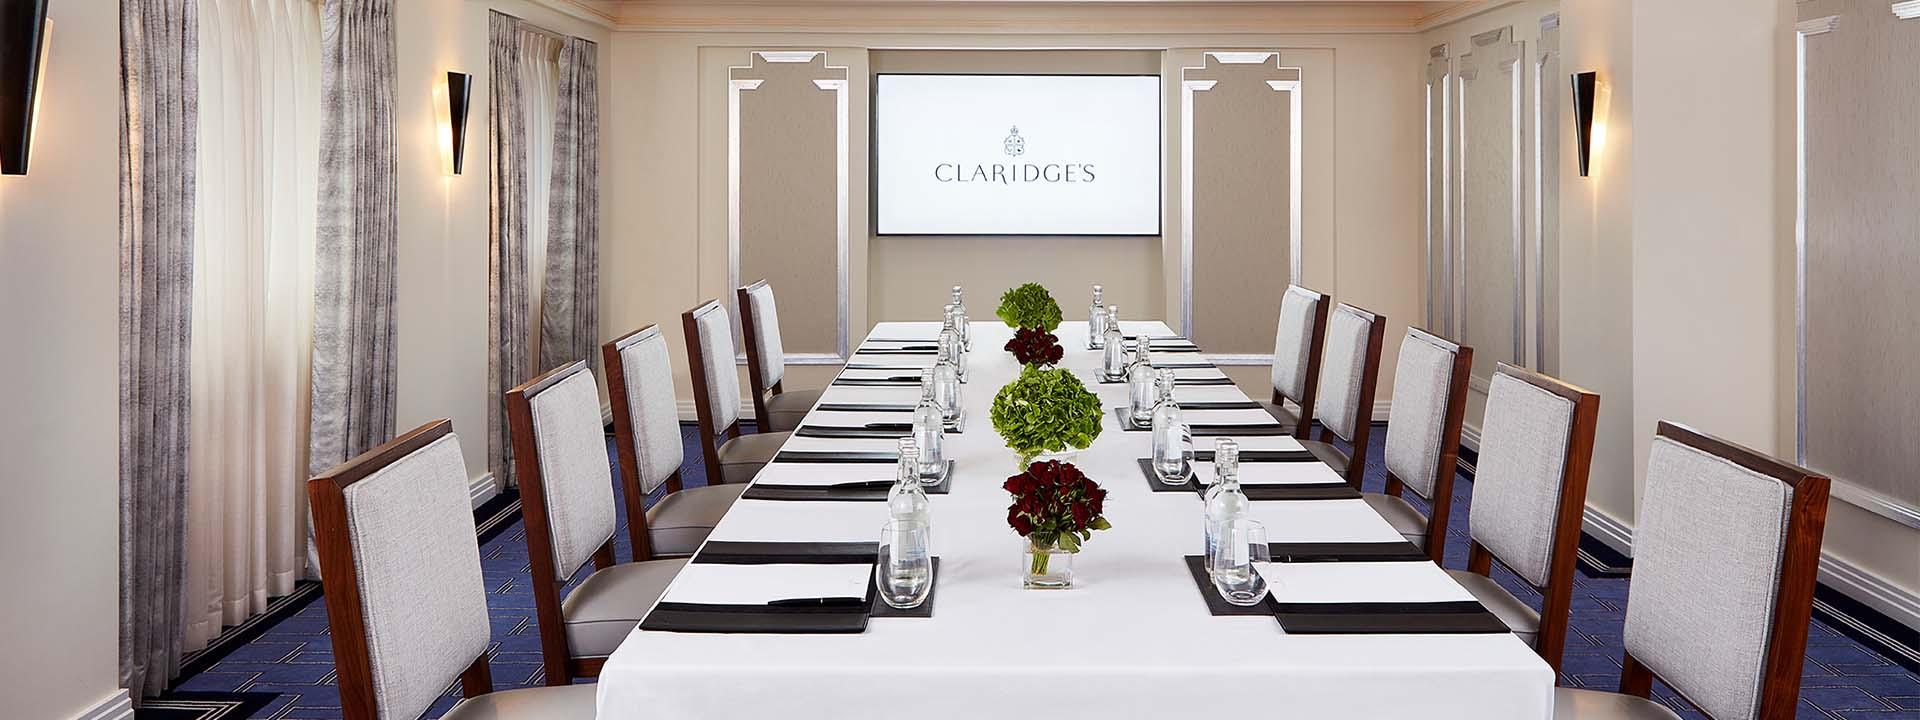 Claridges Meeting Rooms